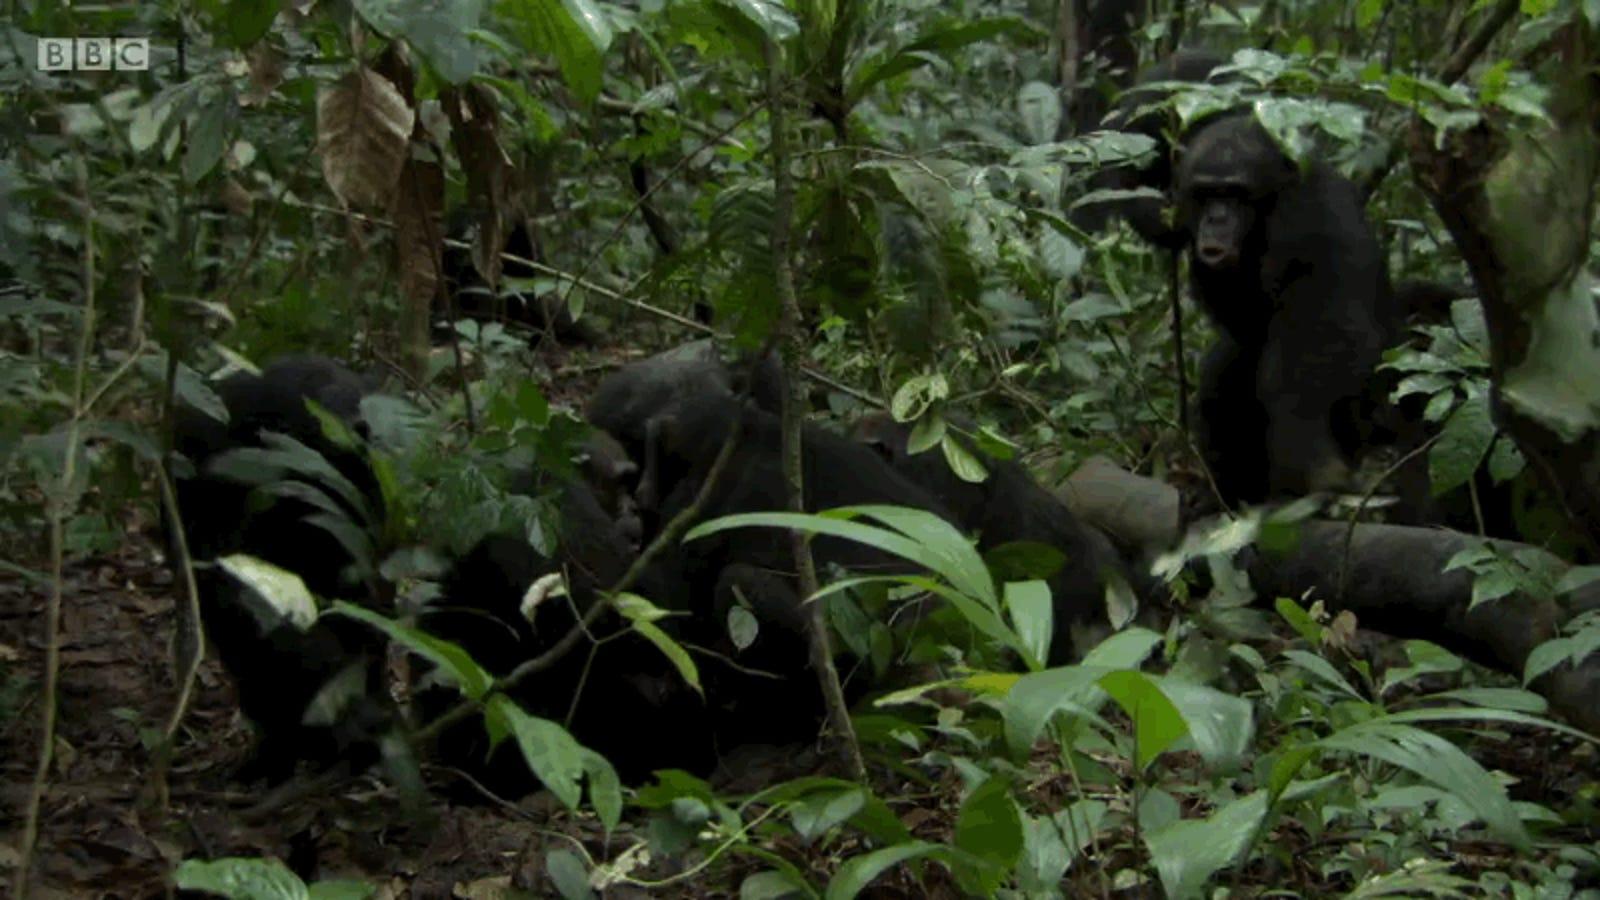 Captan en vídeo el espeluznante momento en el que un grupo de chimpancés hambrientos deciden cazar otros monos